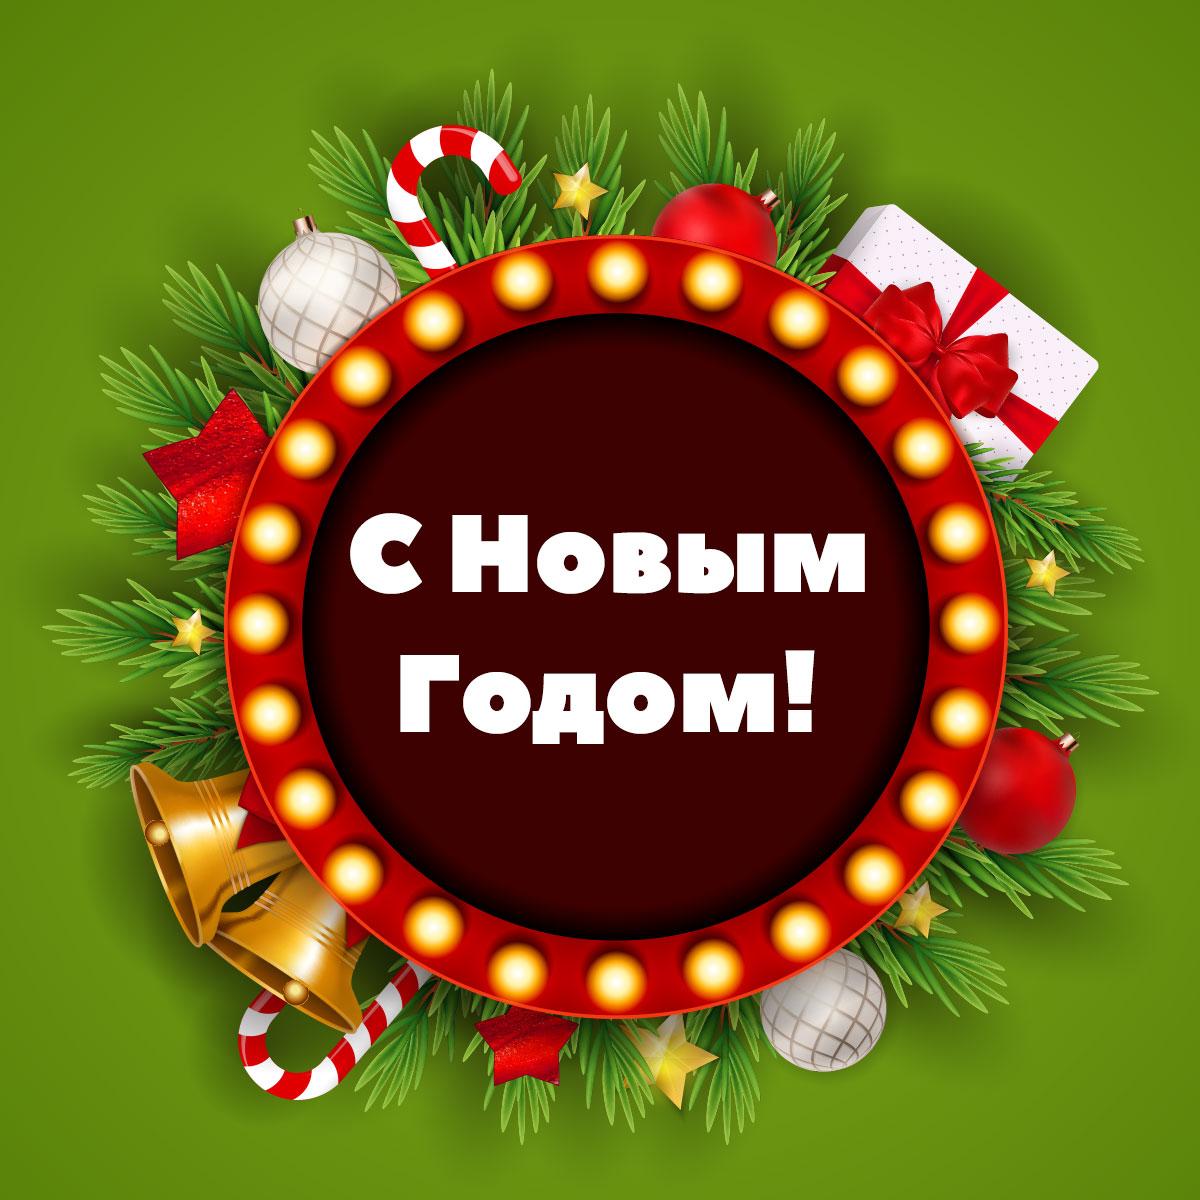 Зелёная открытка с новым годом с украшениями и еловыми ветками по кругу.